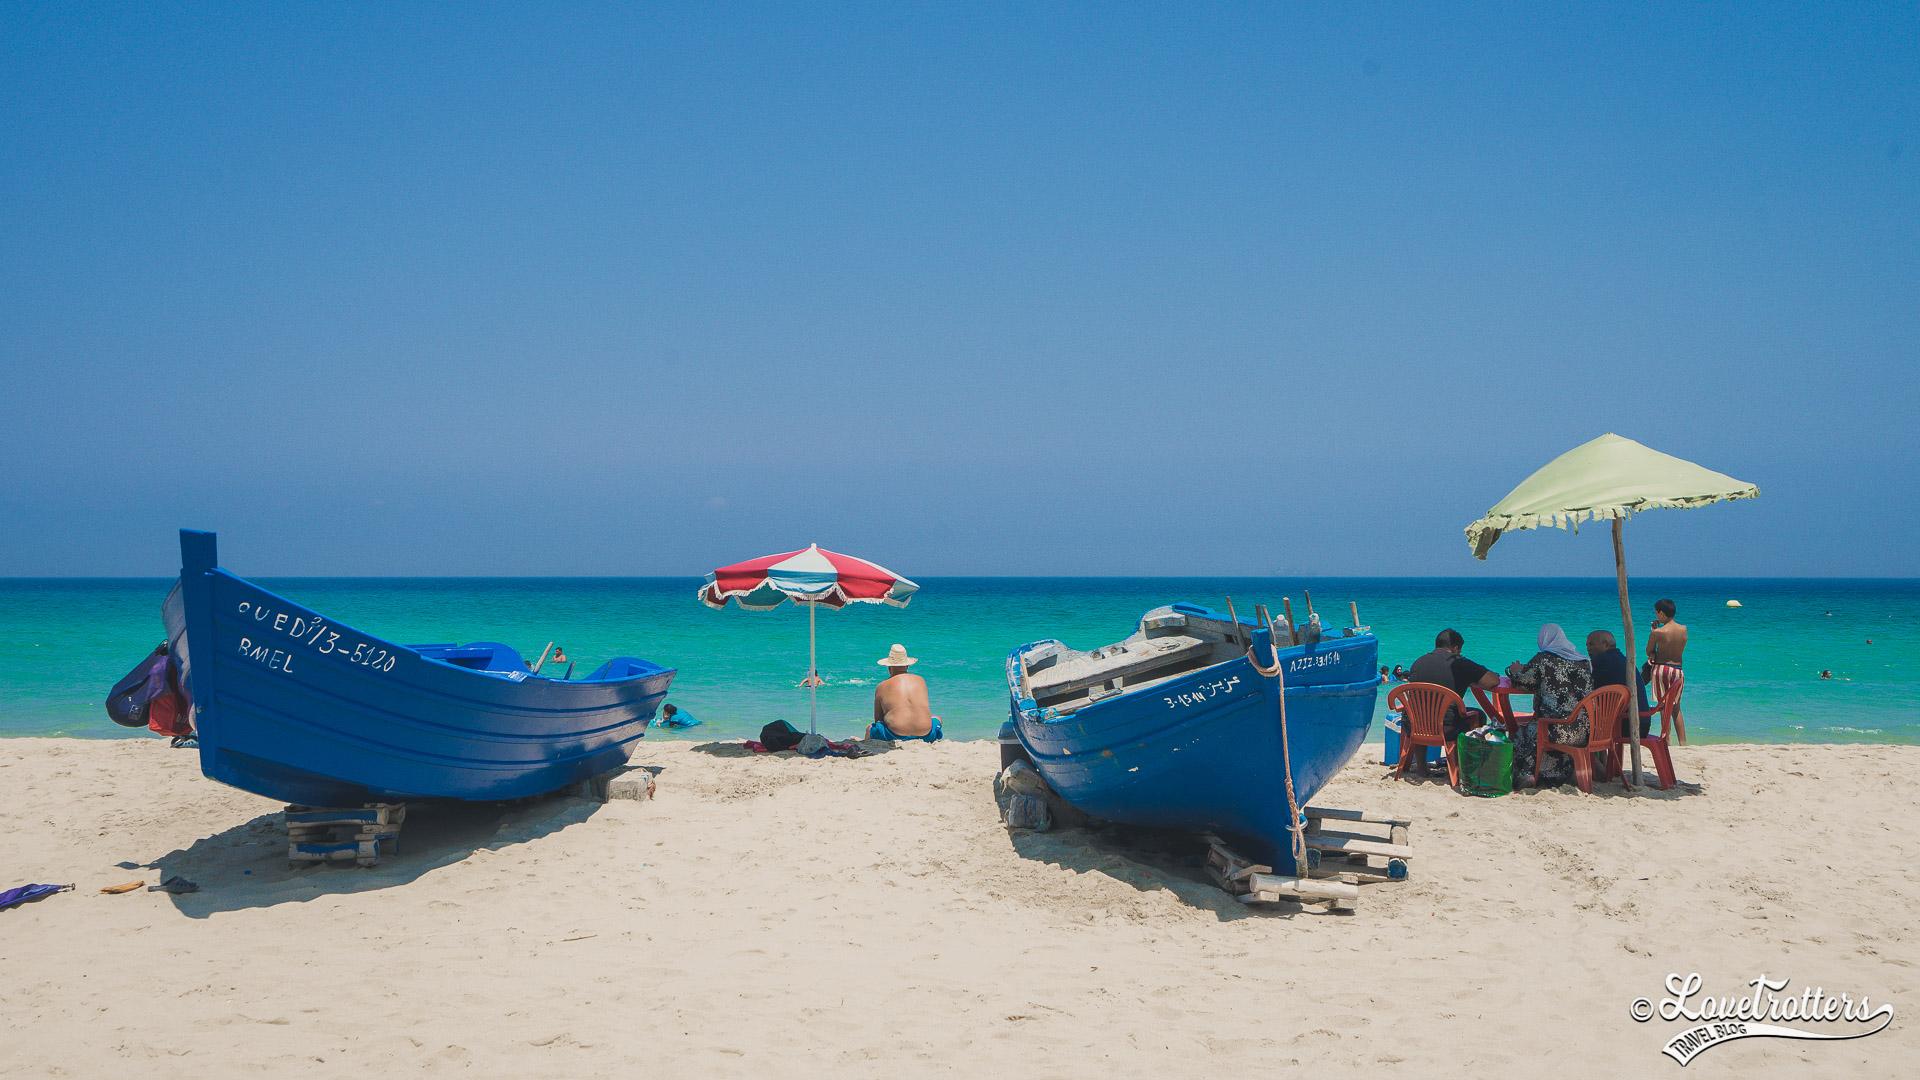 Les plus belles plages sauvages du Maroc : Plage Dalia entre tanger et tetouan